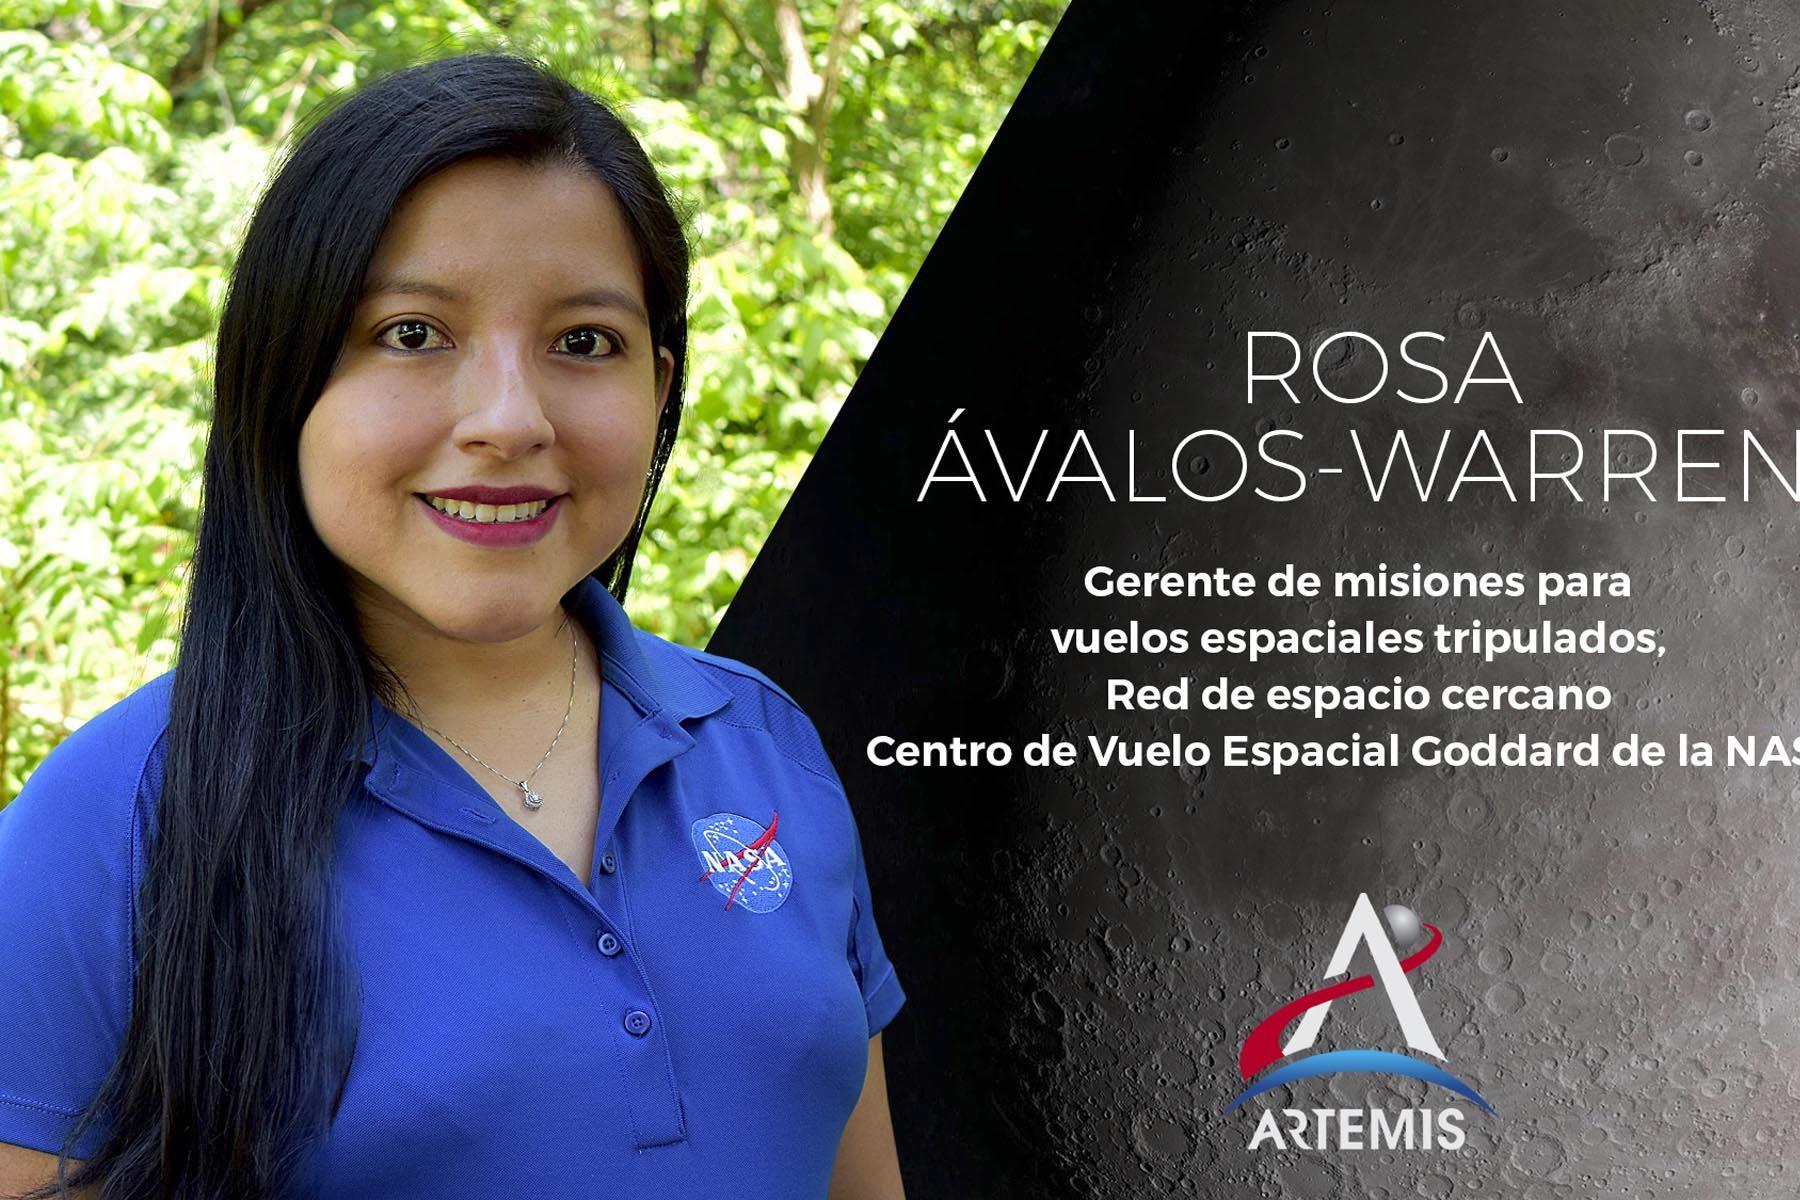 La ingeniera peruana Rosa Ávalos-Warren participa en eventos que promueven las carreras en ciencia, tecnología, ingeniería y matemáticas. Foto: NASA